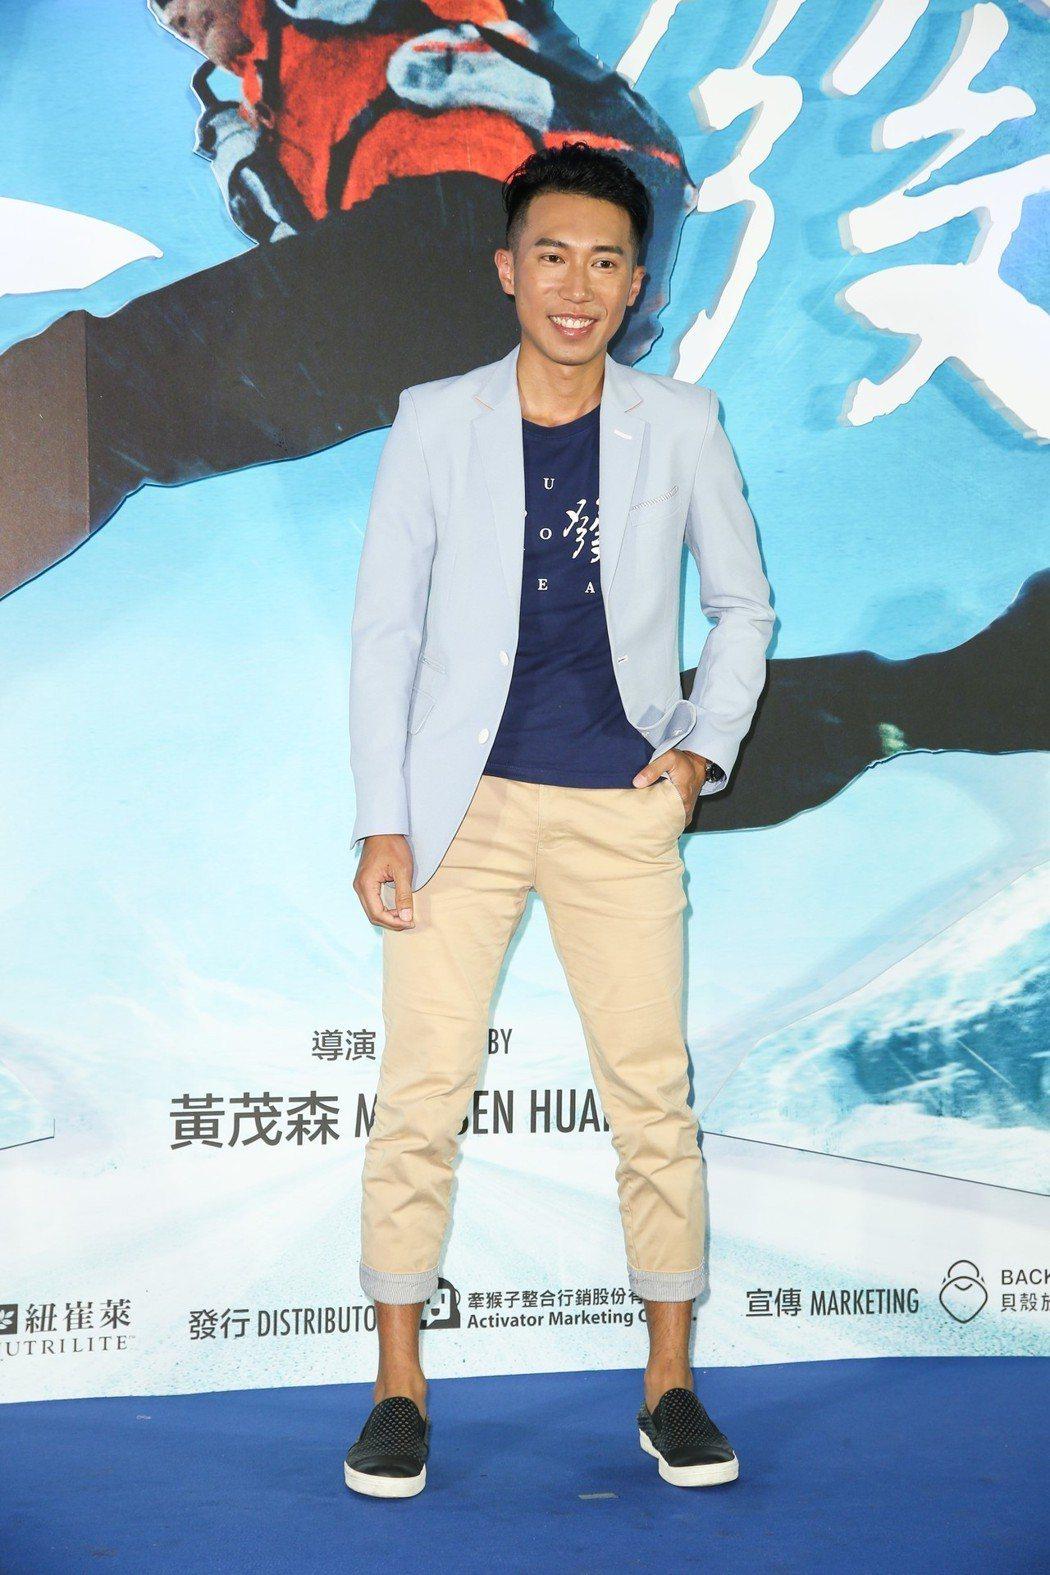 電影「出發」舉行首映,男主角陳彥博出席。記者陳立凱/攝影